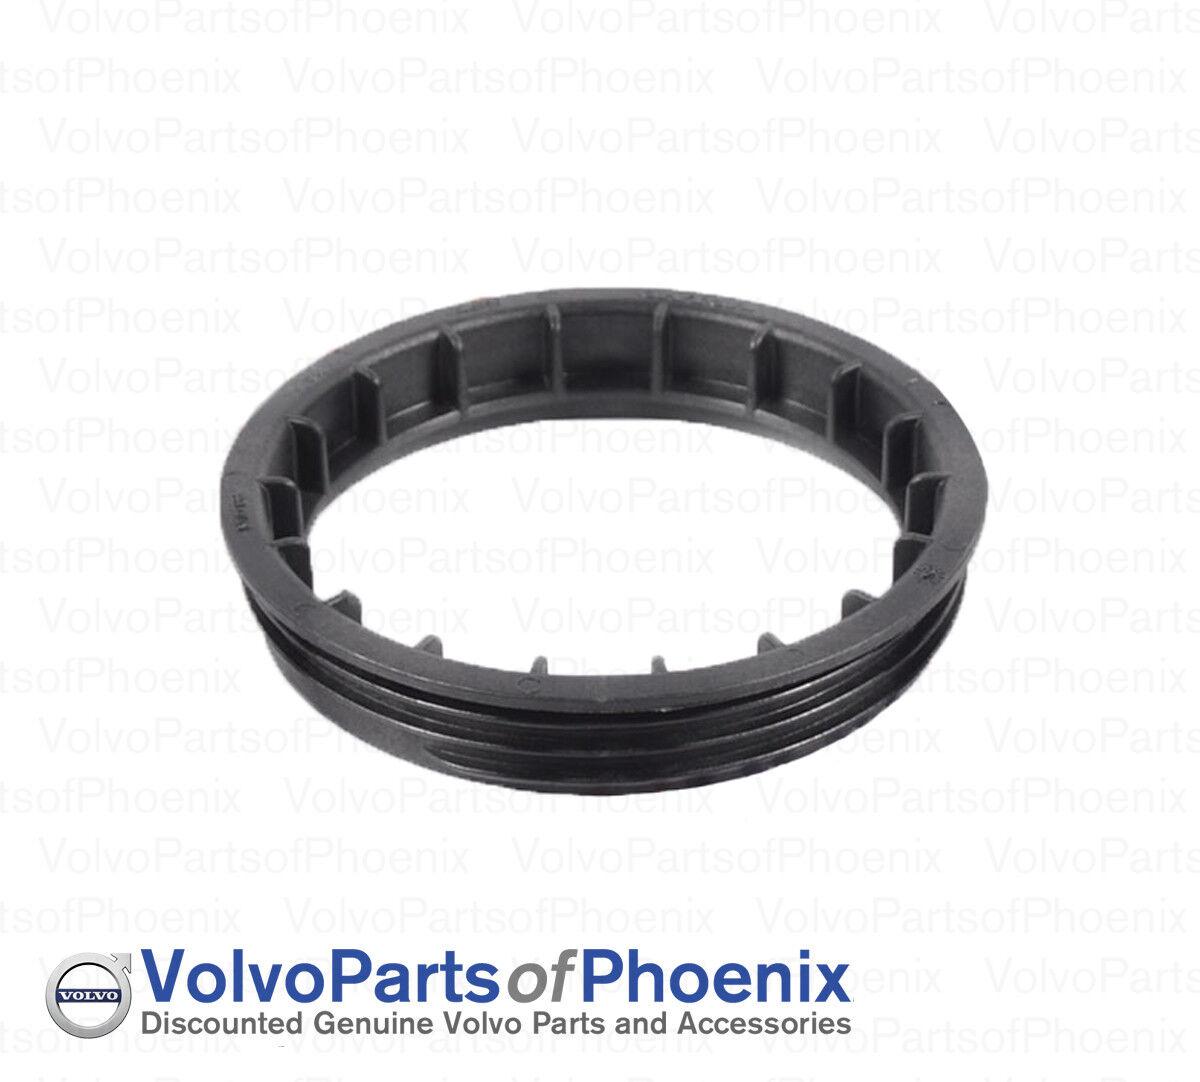 Volvo S80 S60 V70 XC90 XC70 Fuel Door Hinge Reinforced PRO Parts NEW